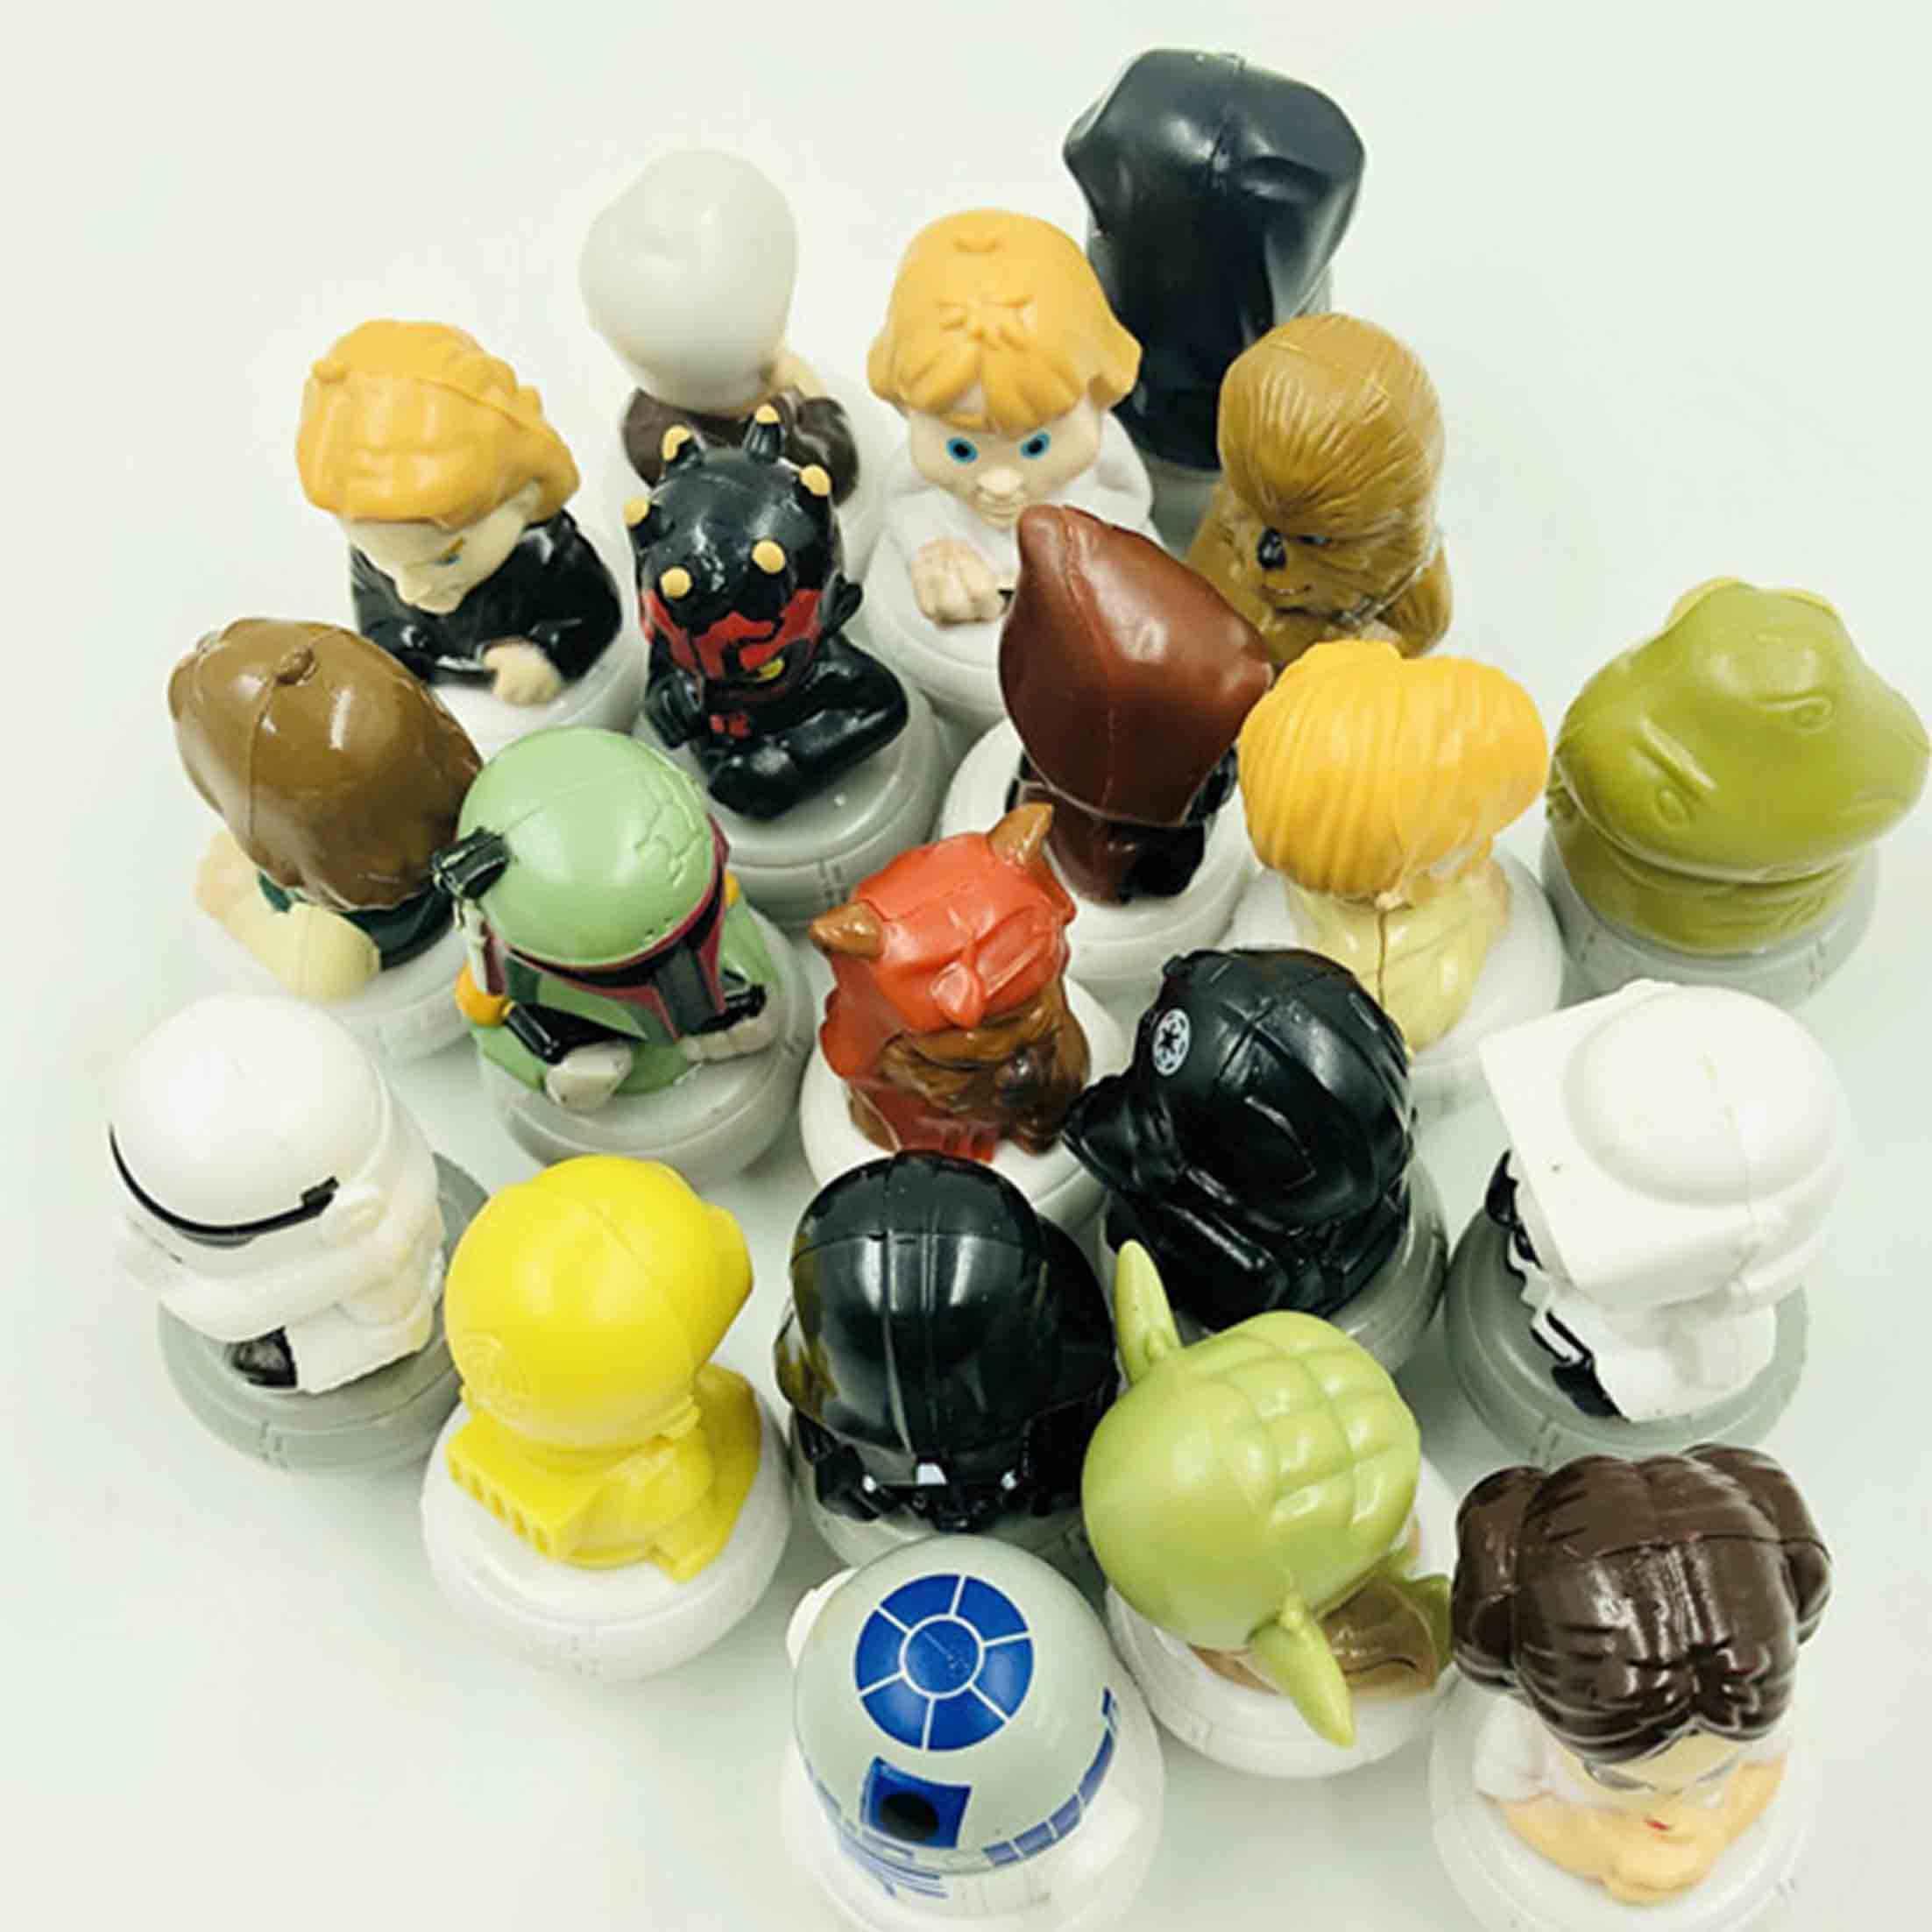 1pcs/lot Star Wars model Han Hano Anakin Darth Vader Yoda Star Wars Action figure Toys Star Wars characters